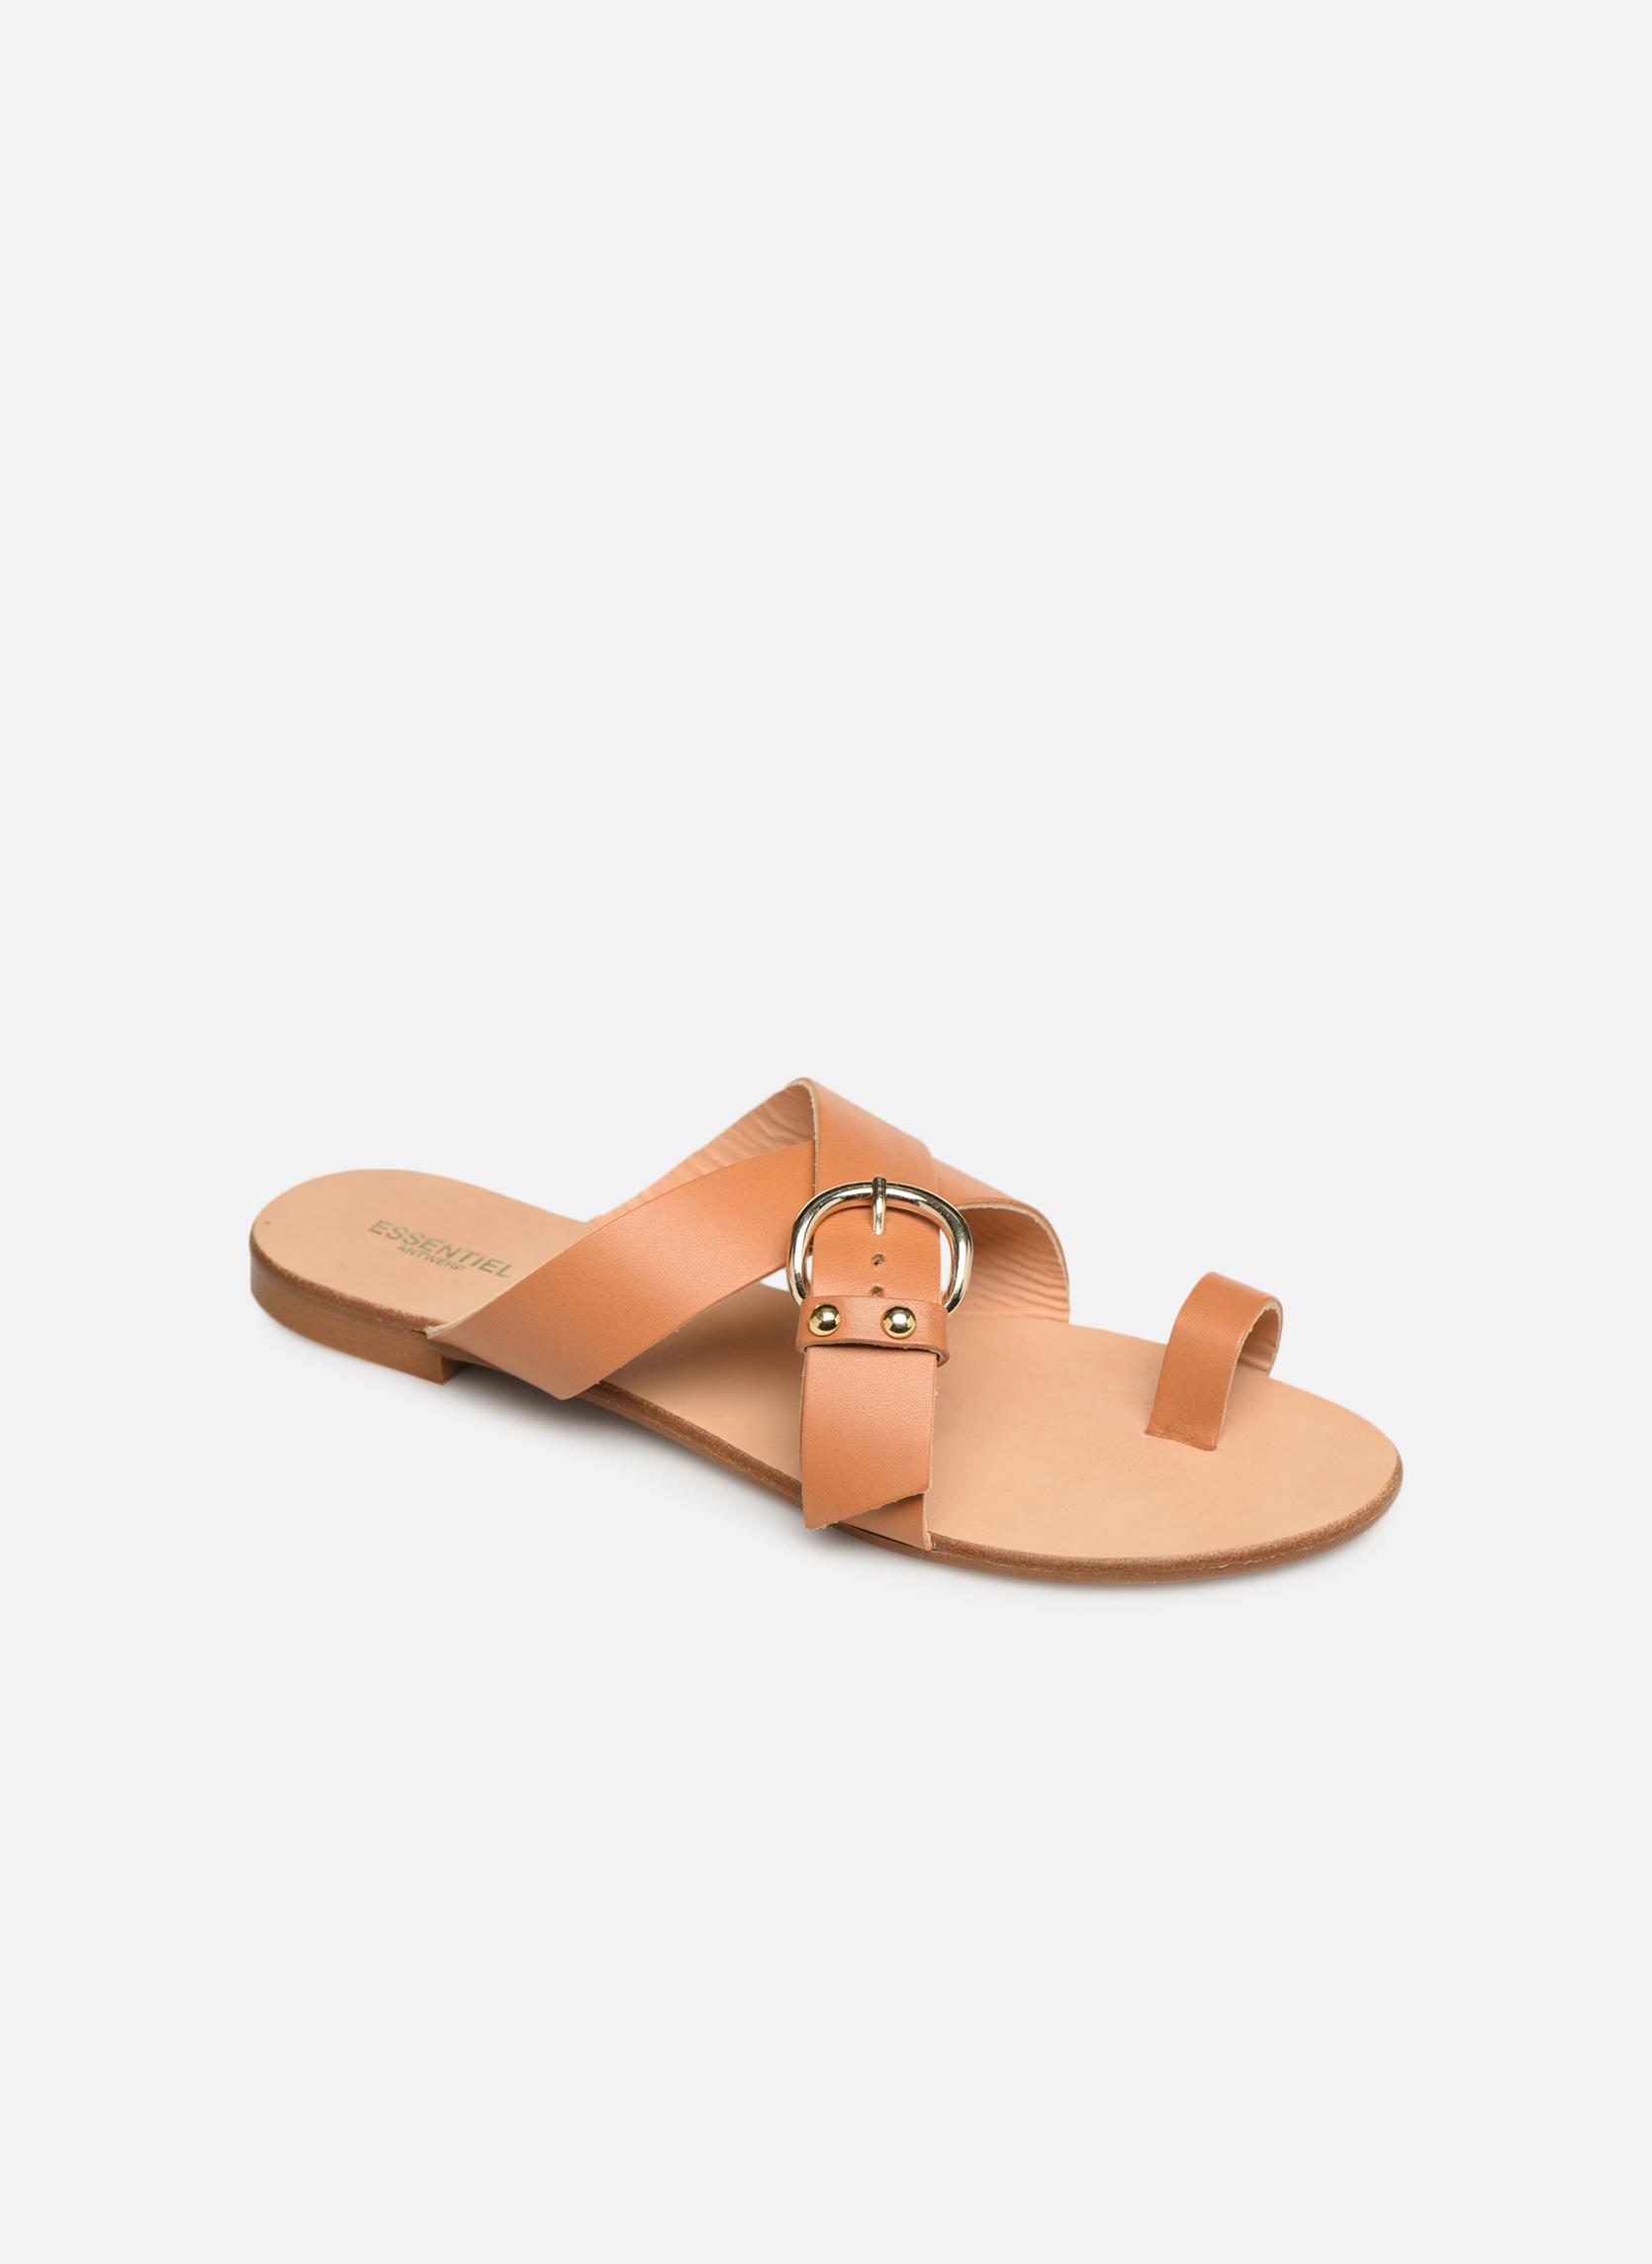 Soquite sandals par Essentiel Antwerp